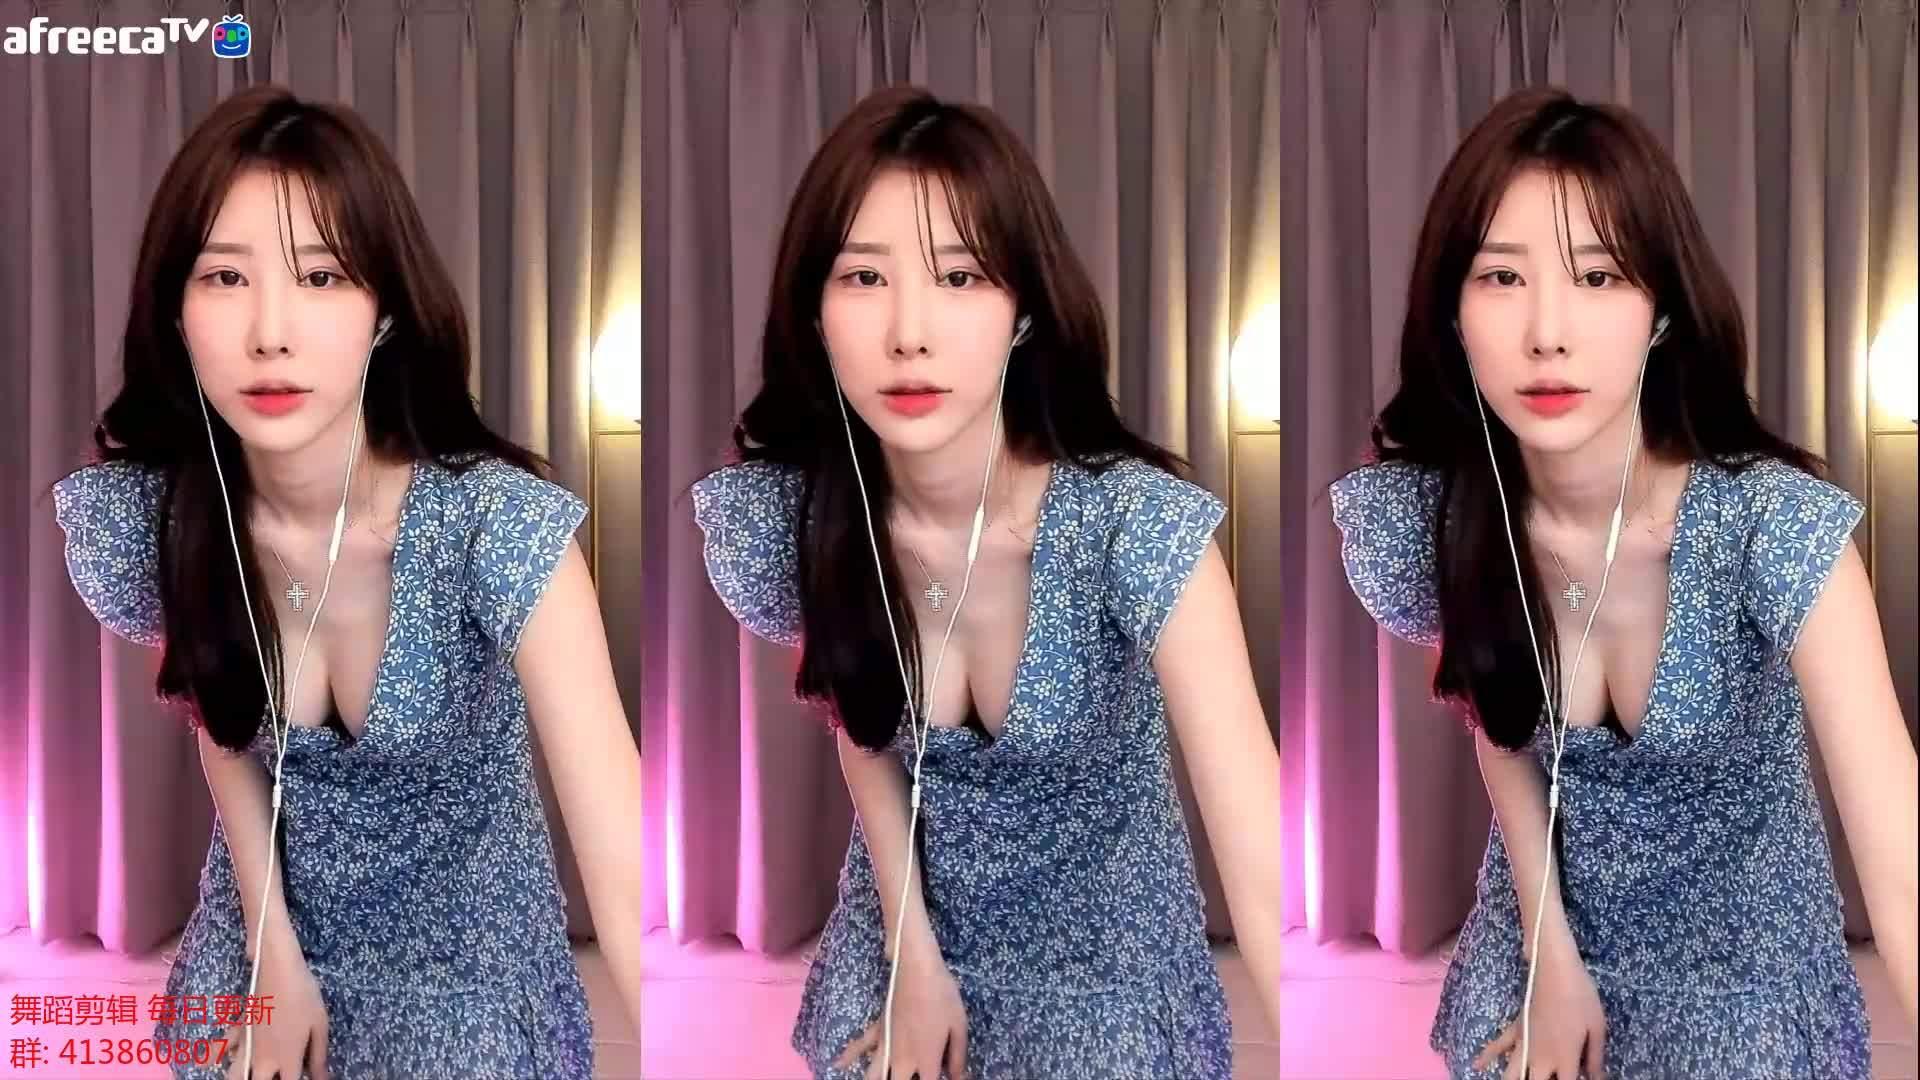 [AfreecaTV-赛拉] 2020年5月15日 韩国主播性感热舞直播回放